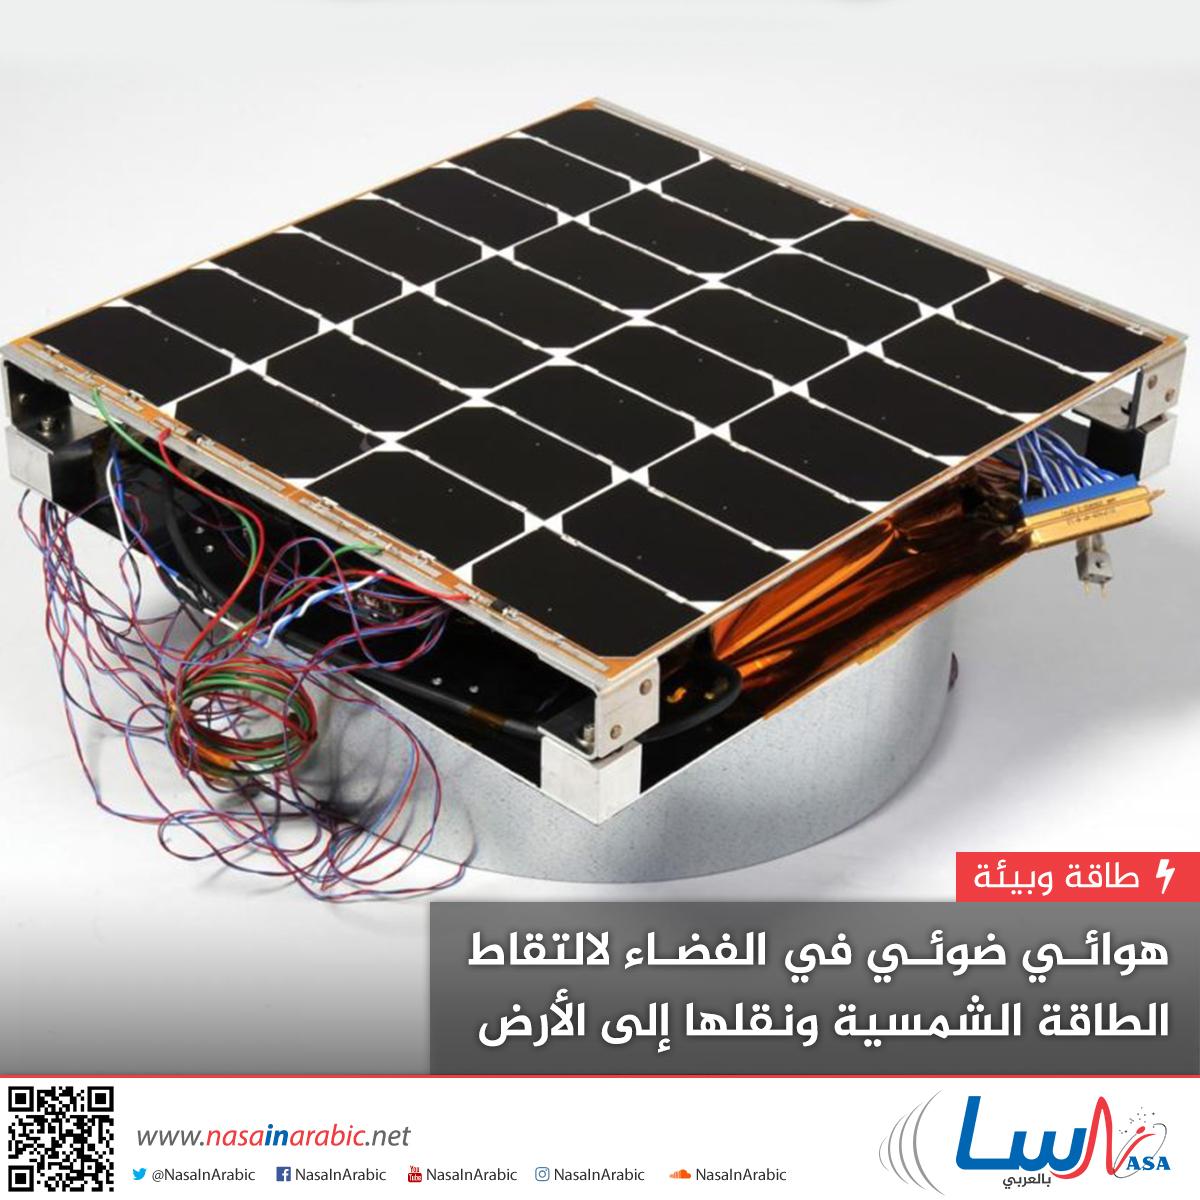 هوائي ضوئي في الفضاء لالتقاط الطاقة الشمسية ونقلها إلى الأرض